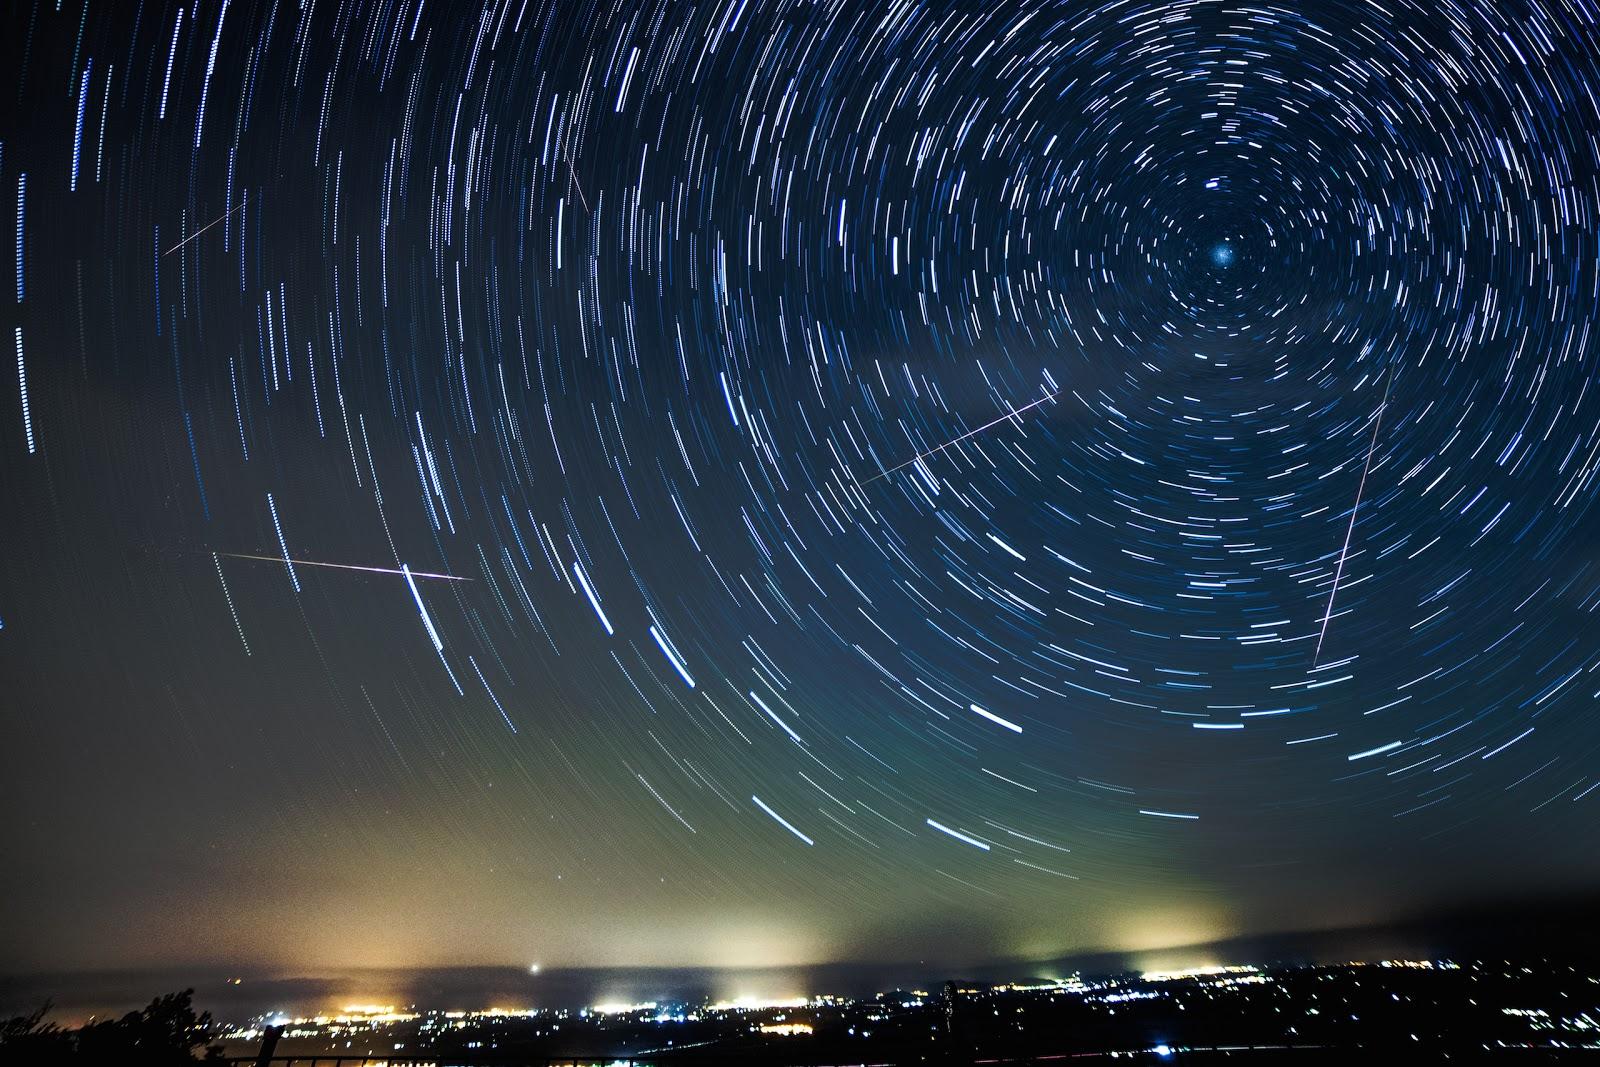 美しすぎる星空の壁紙まとめ 高解像度2560px Idea Web Tools